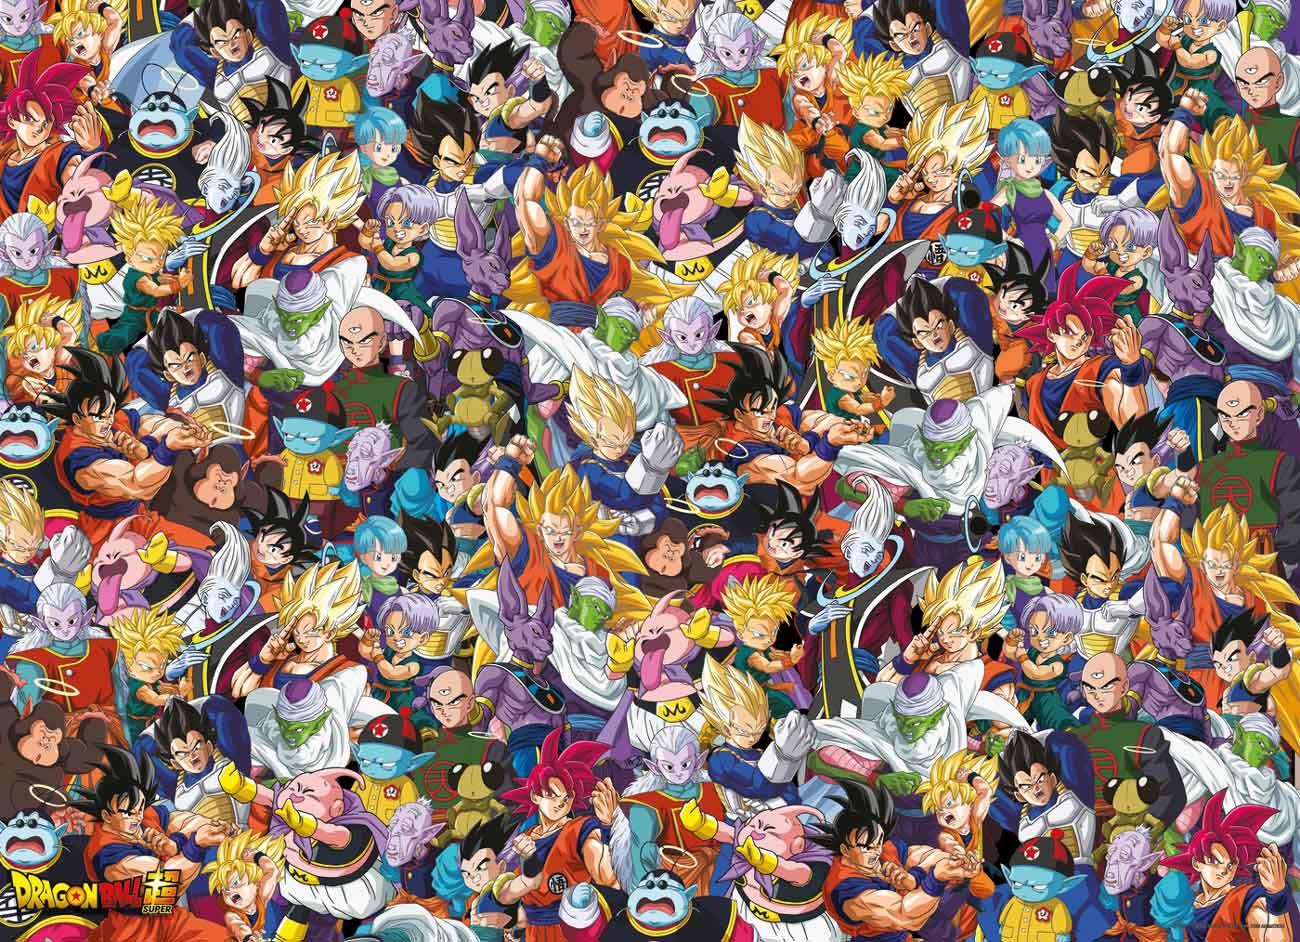 Puzzle Clementoni Imposible Dragon Ball de 1000 Pzs